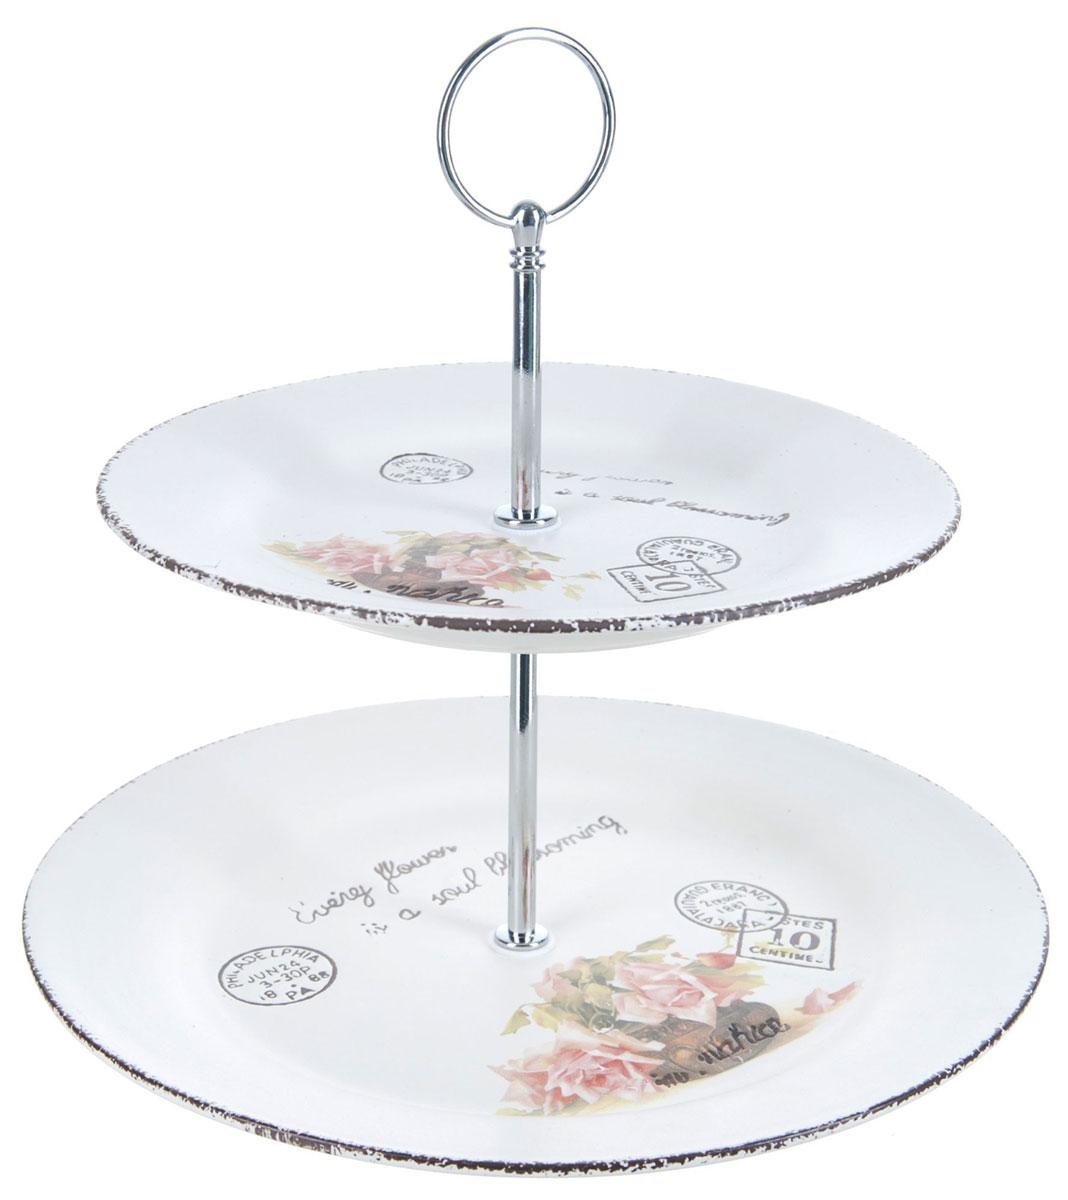 Ваза для фруктов ENS Group Чайная роза, двухъярусная. 1750166WL-992625 / AДвухъярусная ваза ENS Group Чайная роза, выполненная из доломитовой керамики, сочетает в себе изысканный дизайн с максимальной функциональностью. Блюда вазы украшены цветочным рисунком. Изделие предназначено для красивой сервировки фруктов. Такая ваза для фруктов придется по вкусу и ценителям классики, и тем, кто предпочитает утонченность и изящность.Ваза для фруктов украсит сервировку вашего стола и подчеркнет прекрасный вкус хозяина, а также станет отличным подарком.